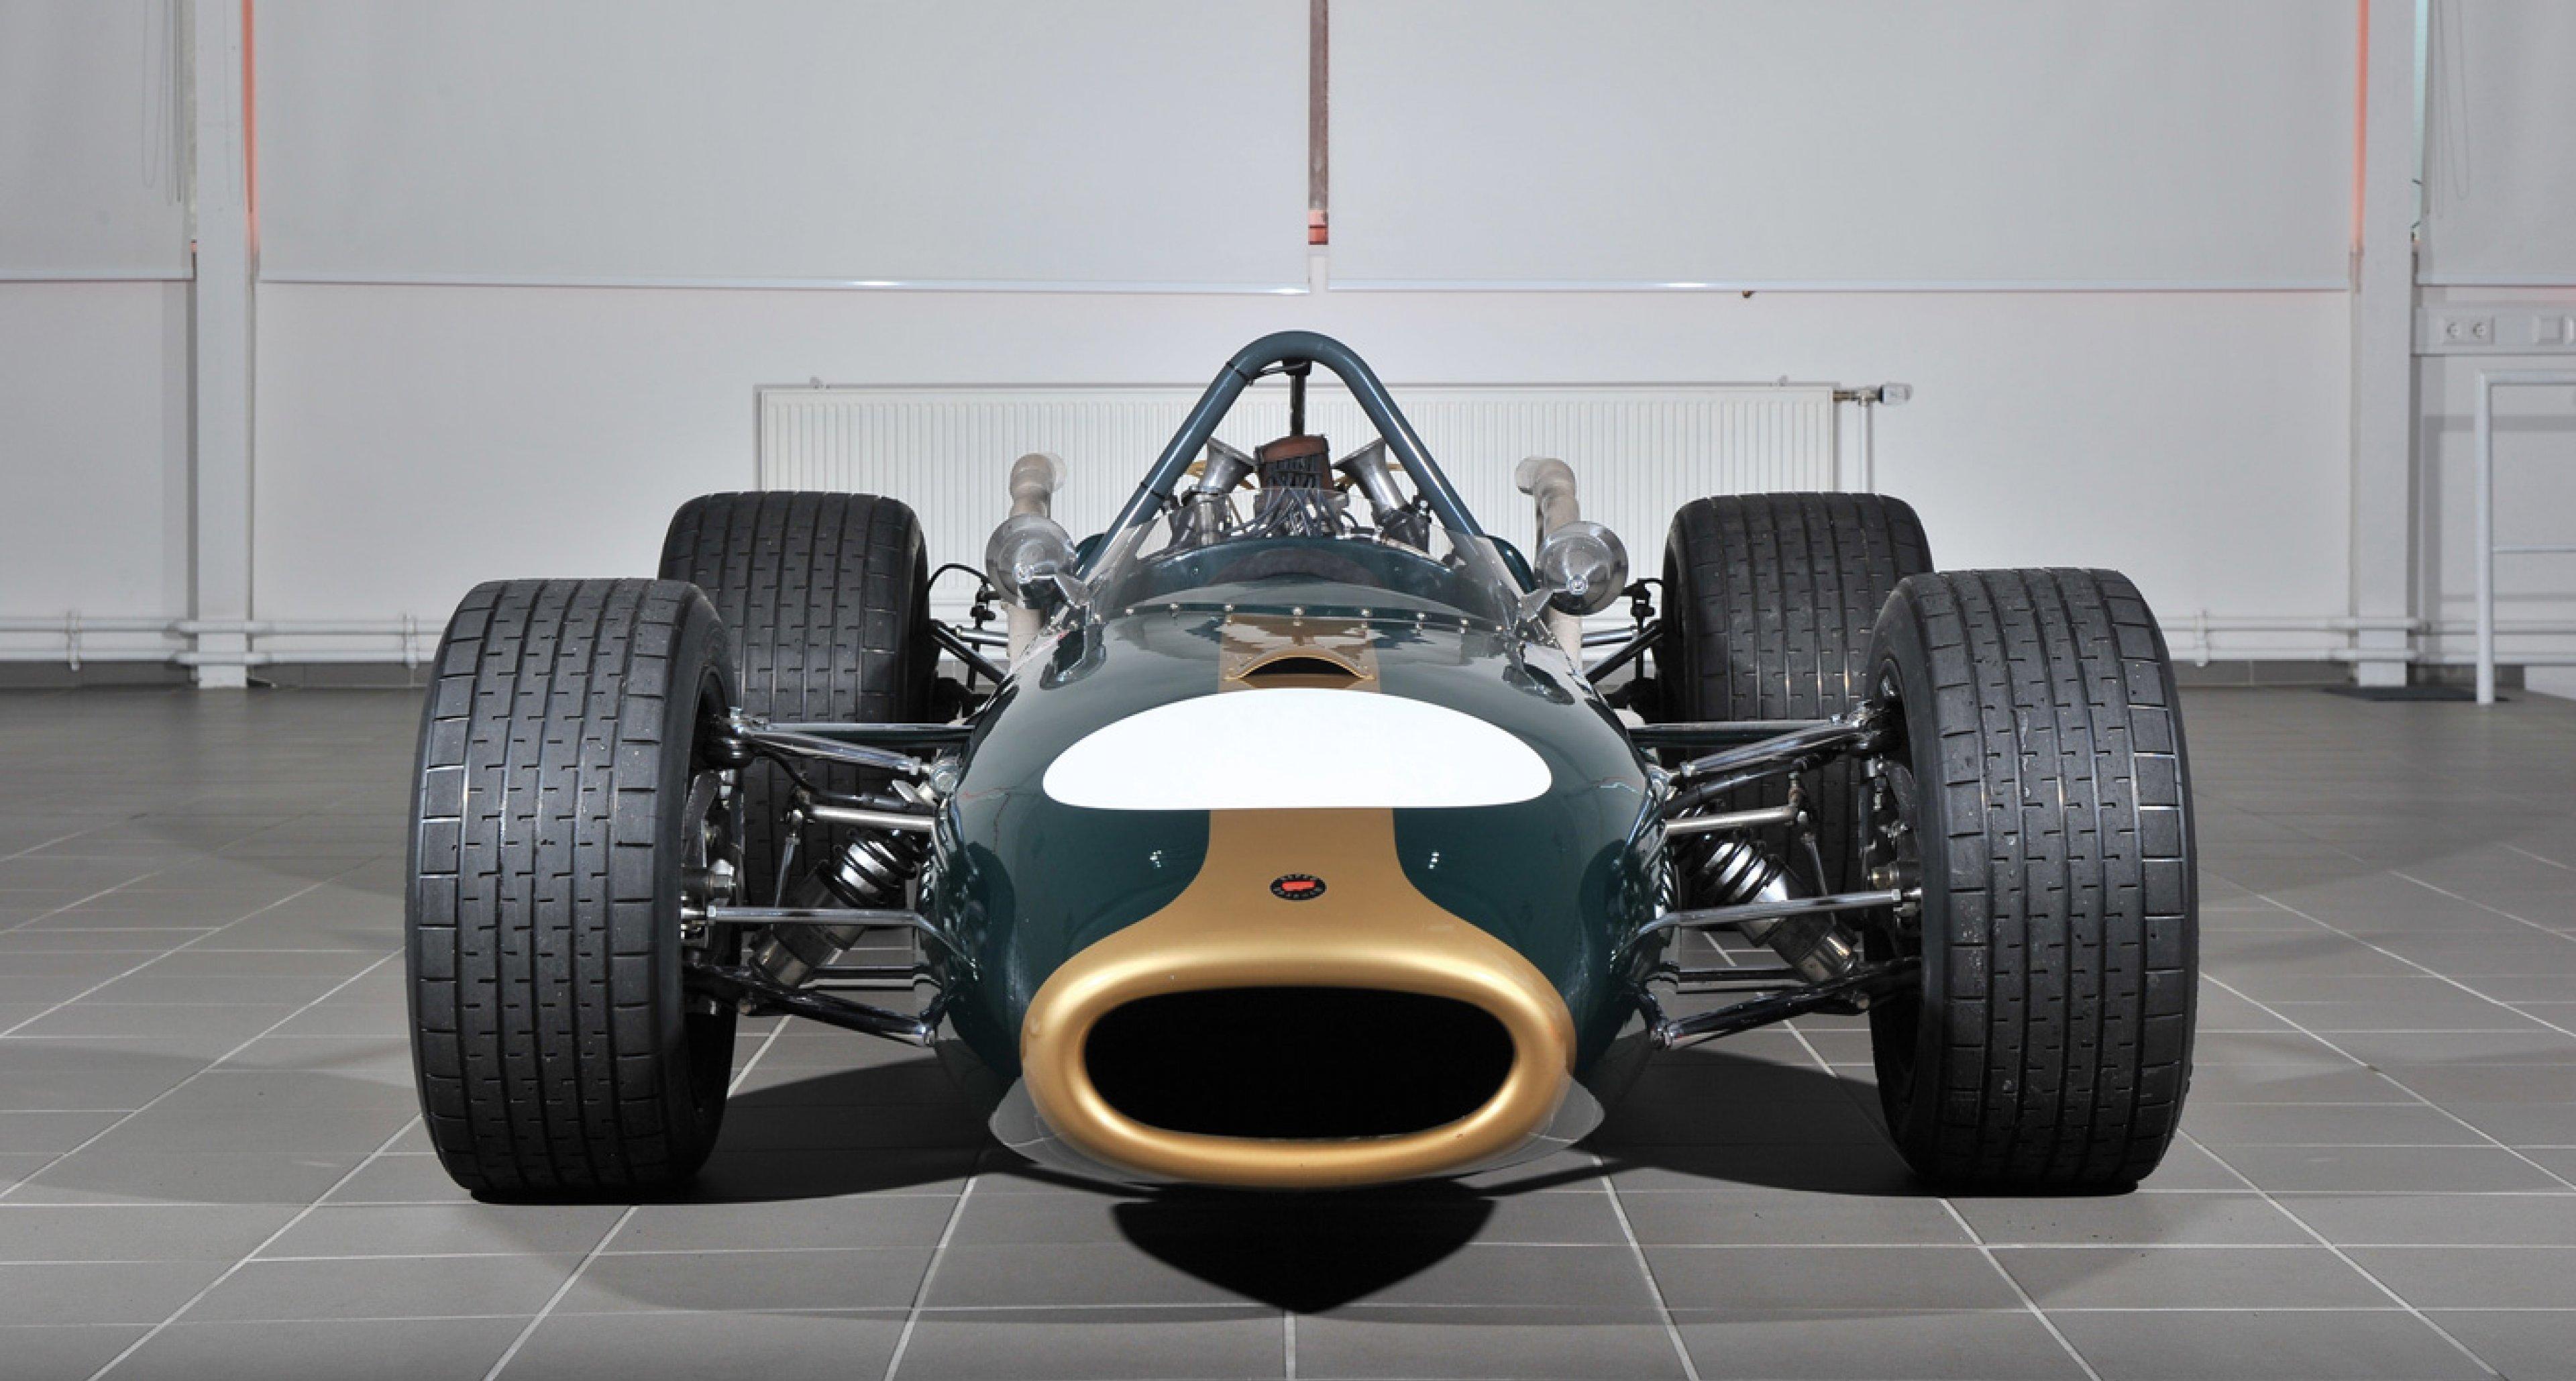 Lot 179 / 1966 Brabham-Repco BT20 Formula One / € 1,092,000